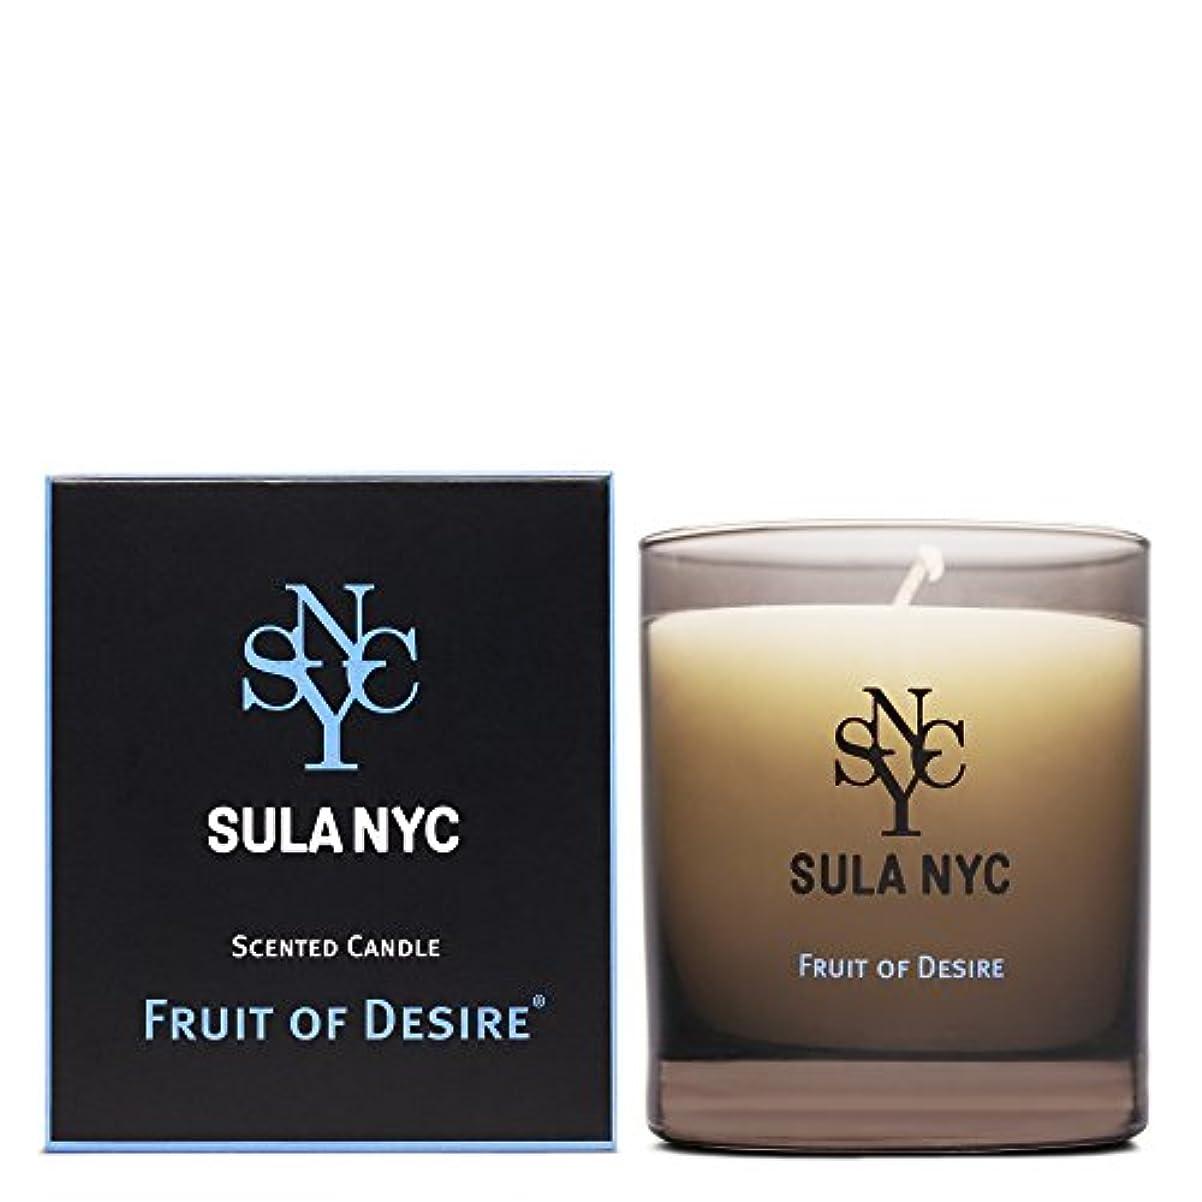 ガロンコーナー助手SULA NYC SCENTED CANDLE FRIT OF DESIRE スーラNYC センティッドキャンドル フルーツ?オブ?ディザイアー